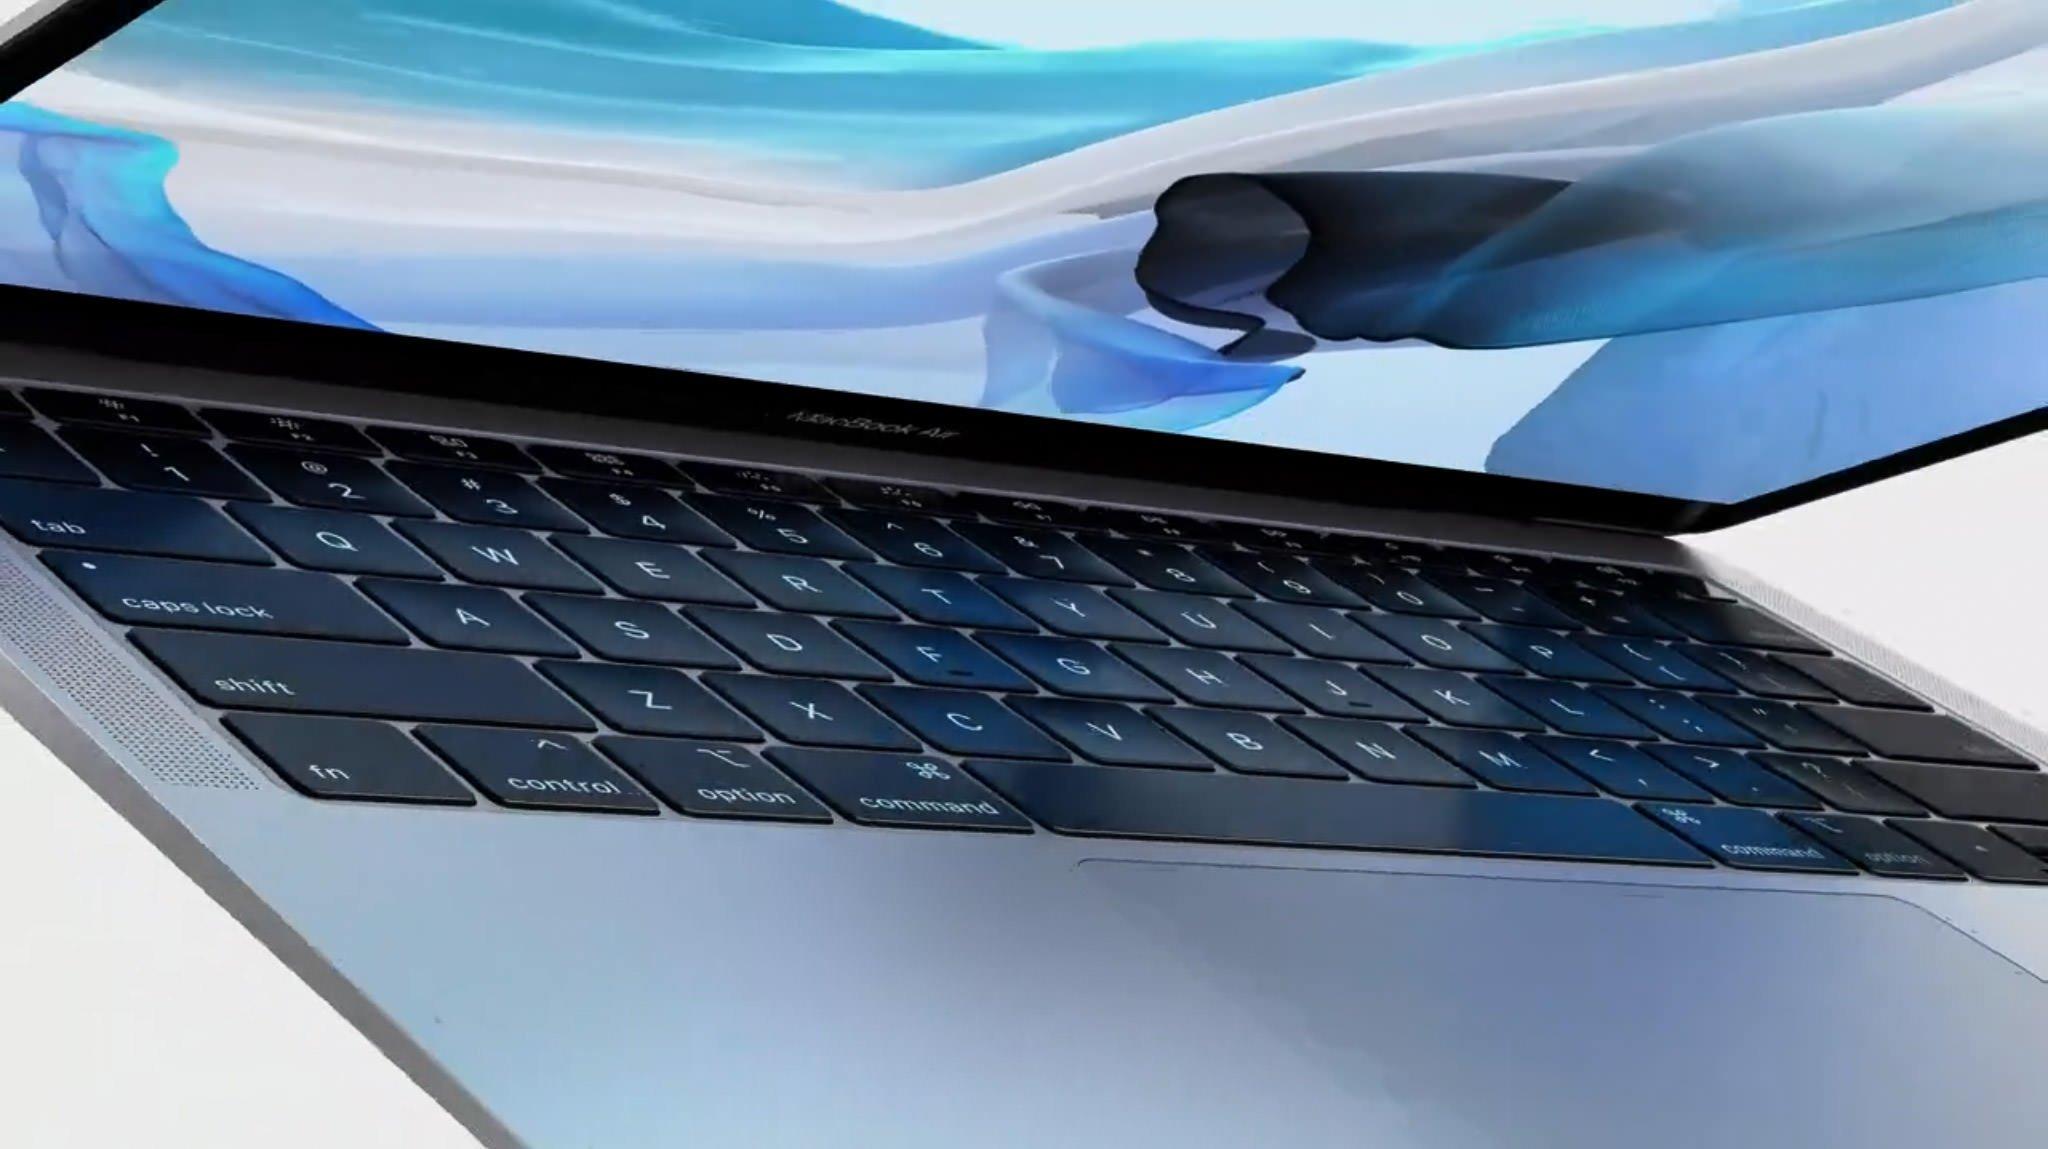 Det kom en helt ny MacBook Air, som forventet.